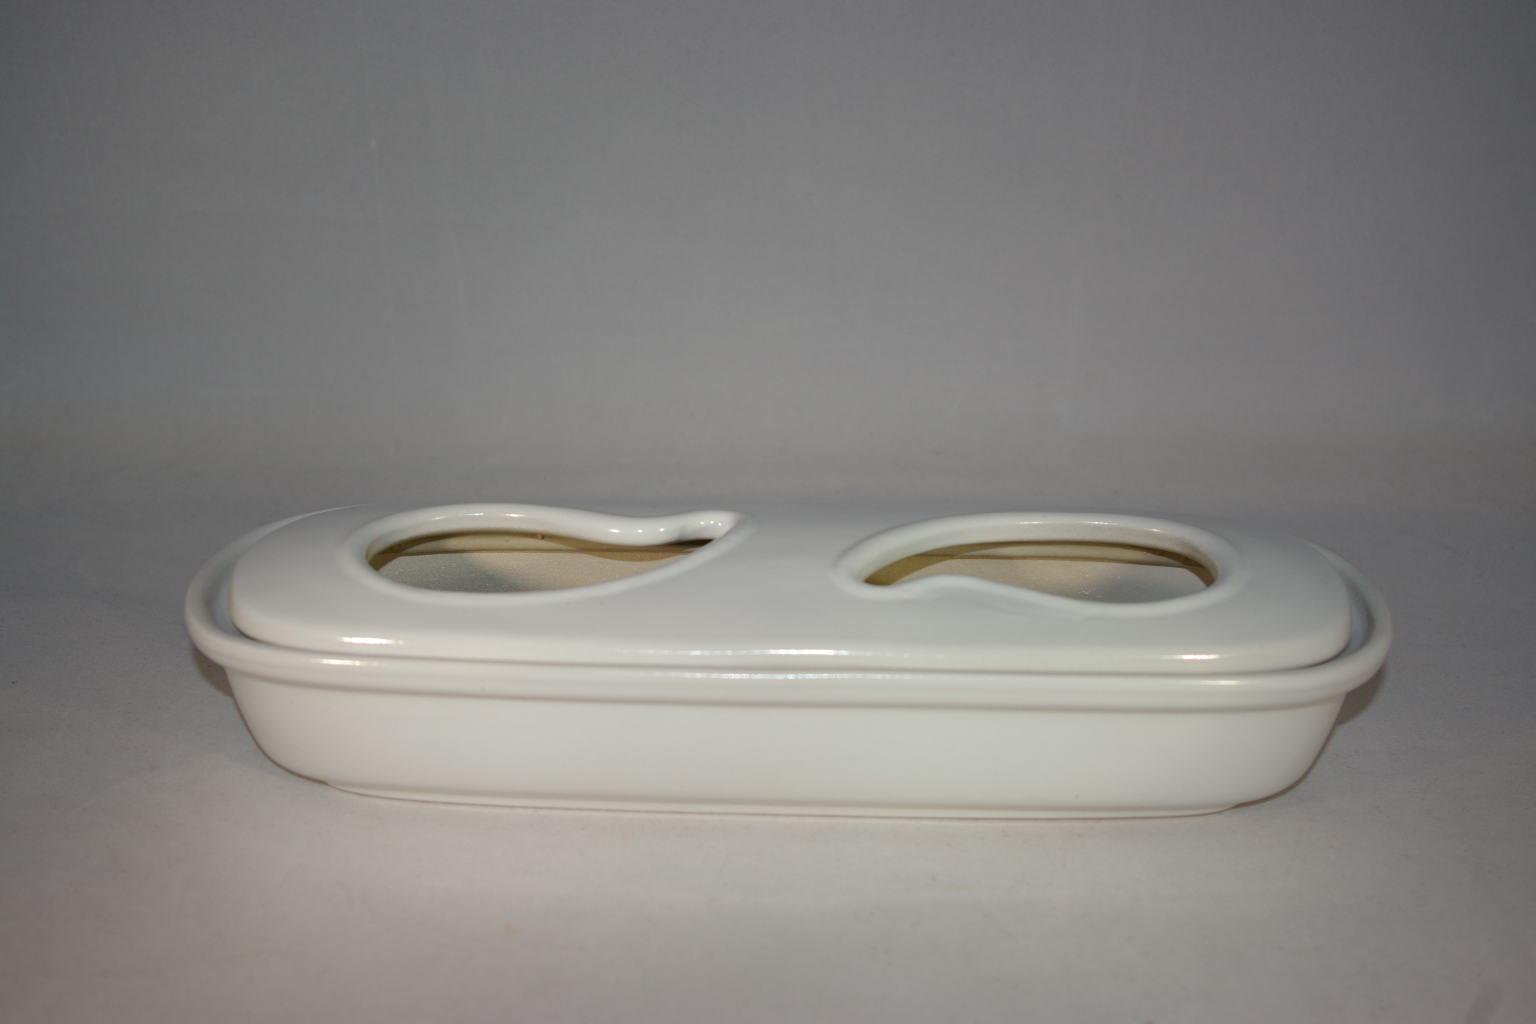 Keramik Wassserverdunster Heizung weiss glänzend - Bembel Shop ...